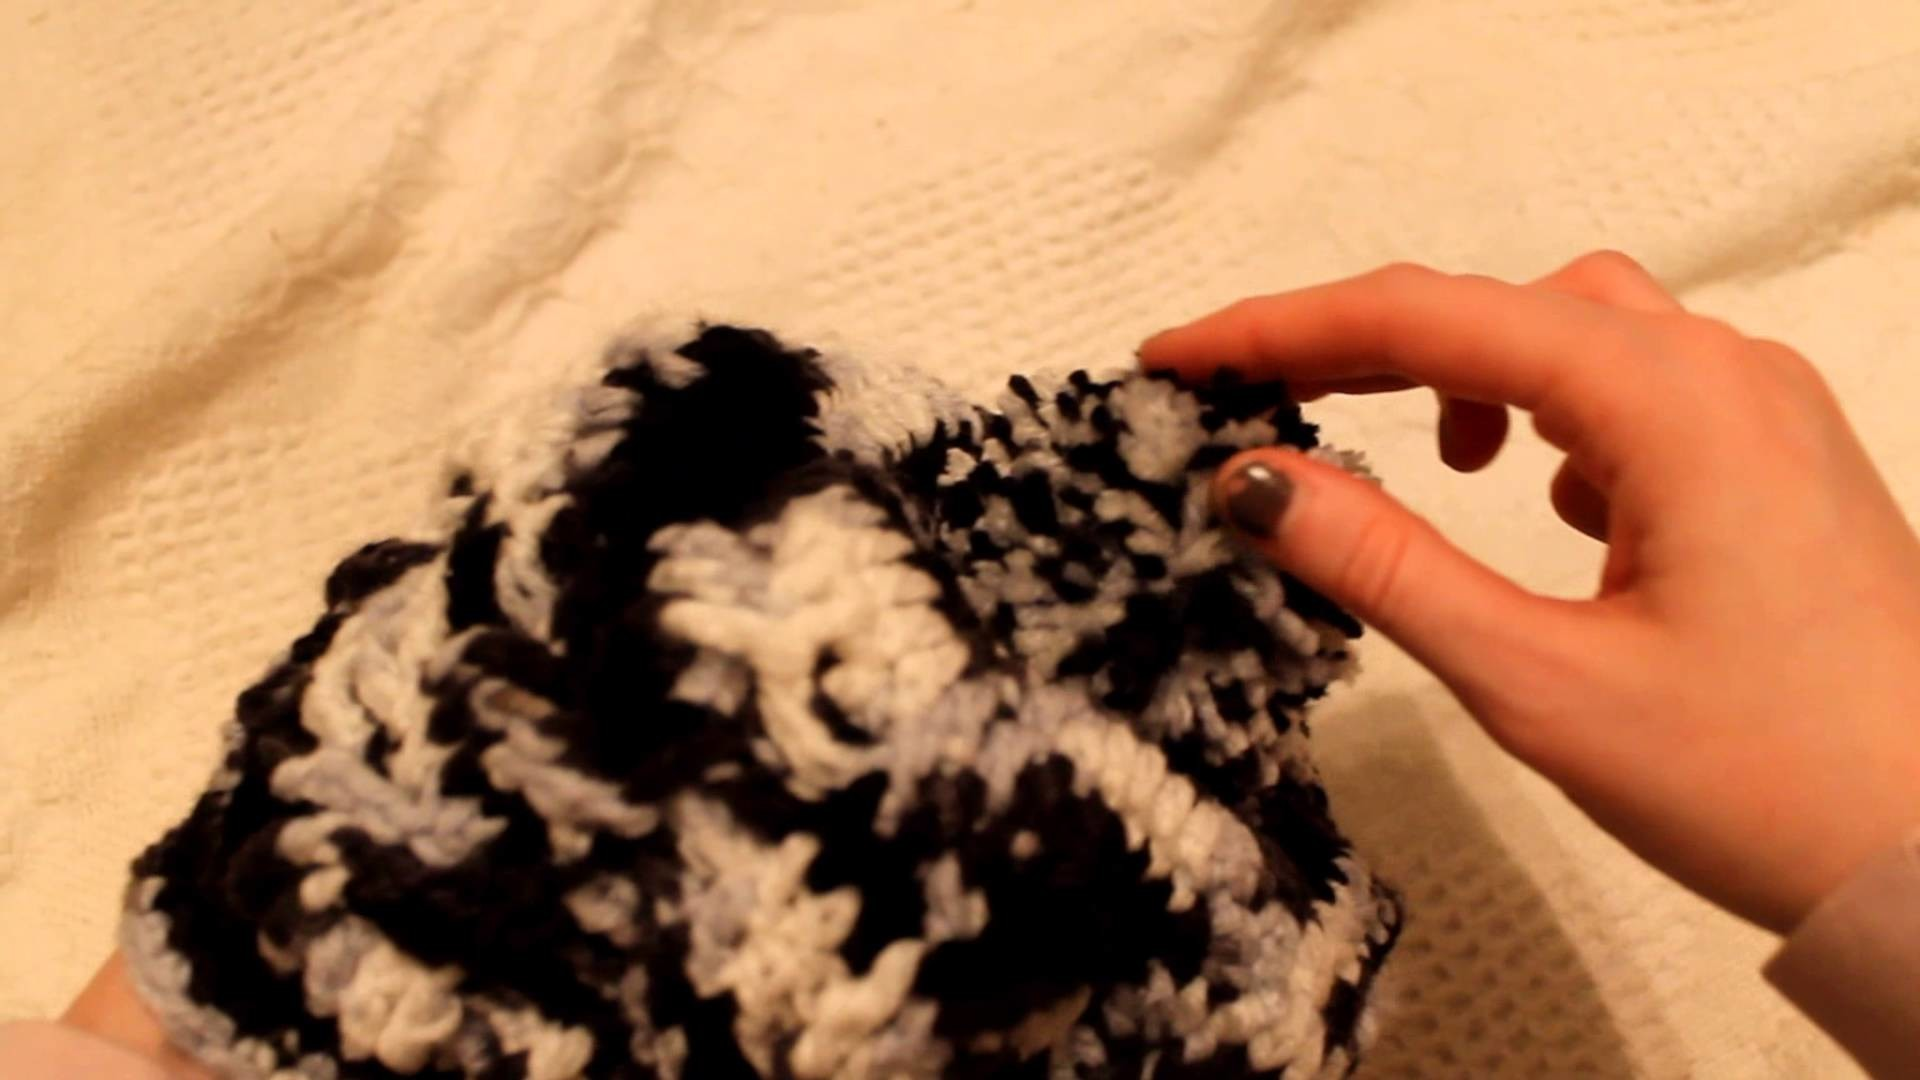 How to: Sew a yarn pom-pom onto a beanie